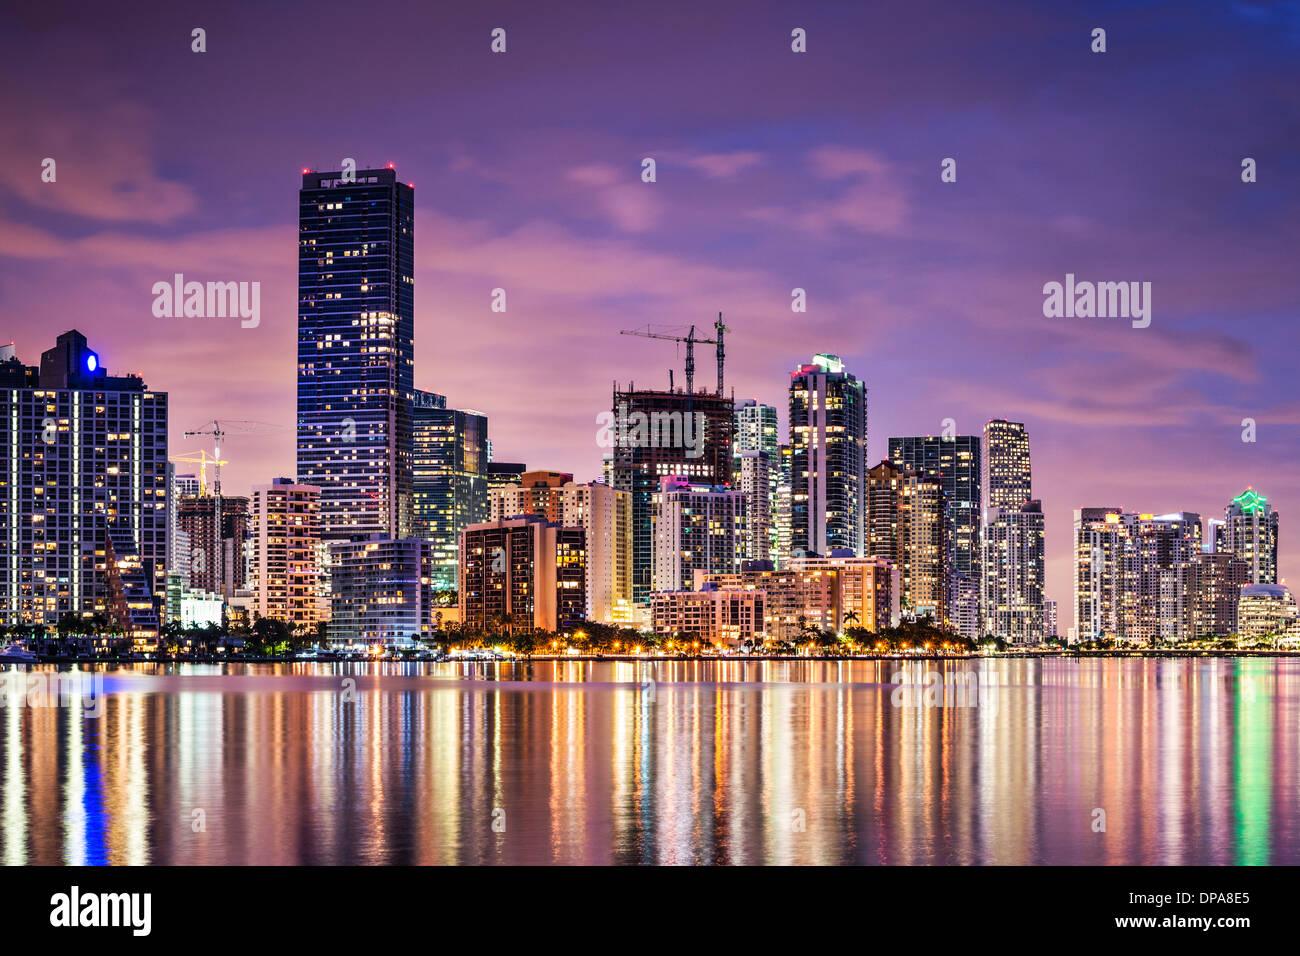 Skyline di Miami, Florida, Stati Uniti d'America su Biscayne Bay. Immagini Stock